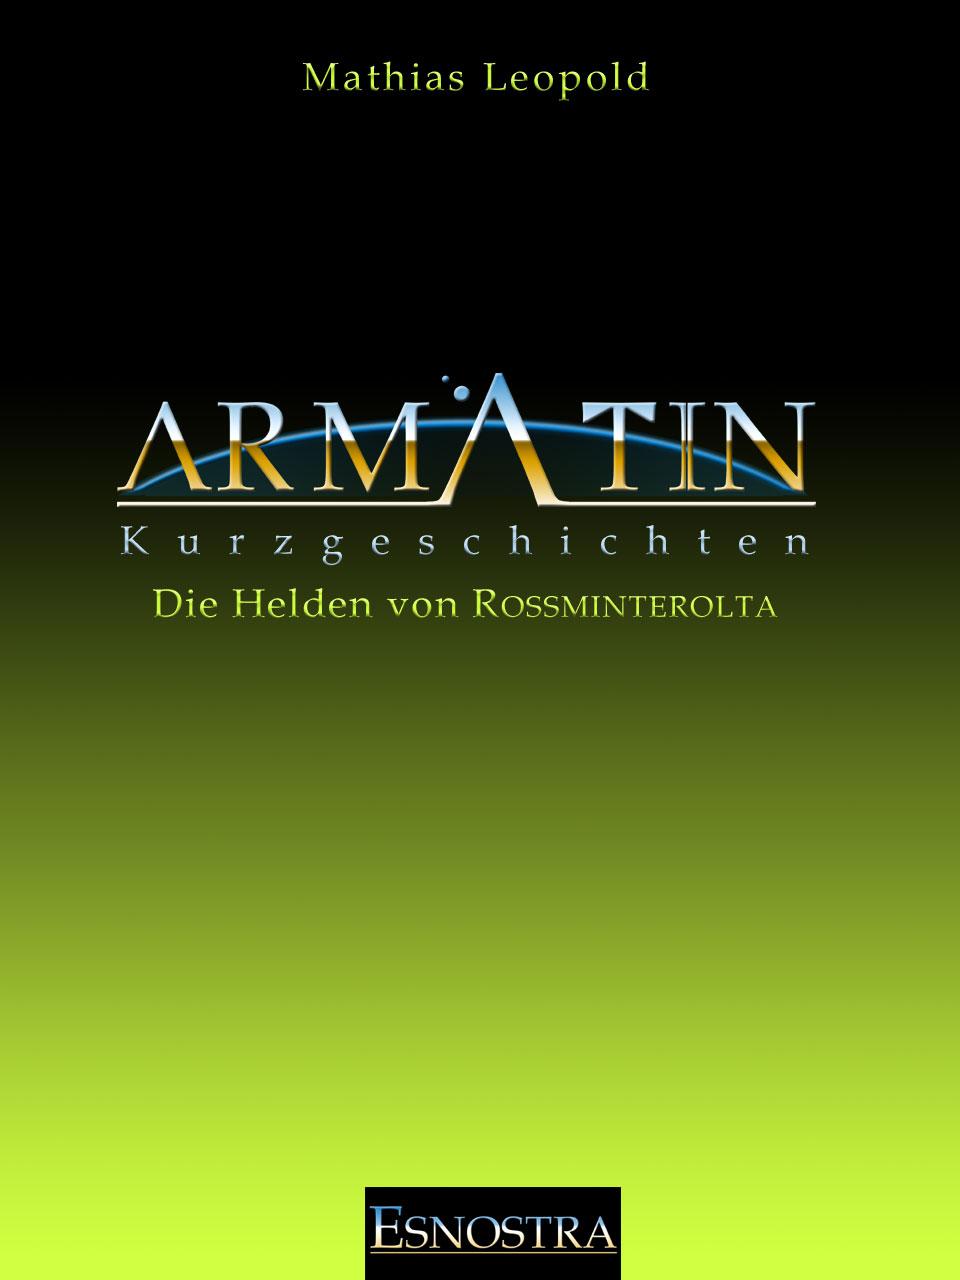 Kurzgeschichte aus dem Armatin Science-Fiction Universum: Die Helden von Rossminterolta